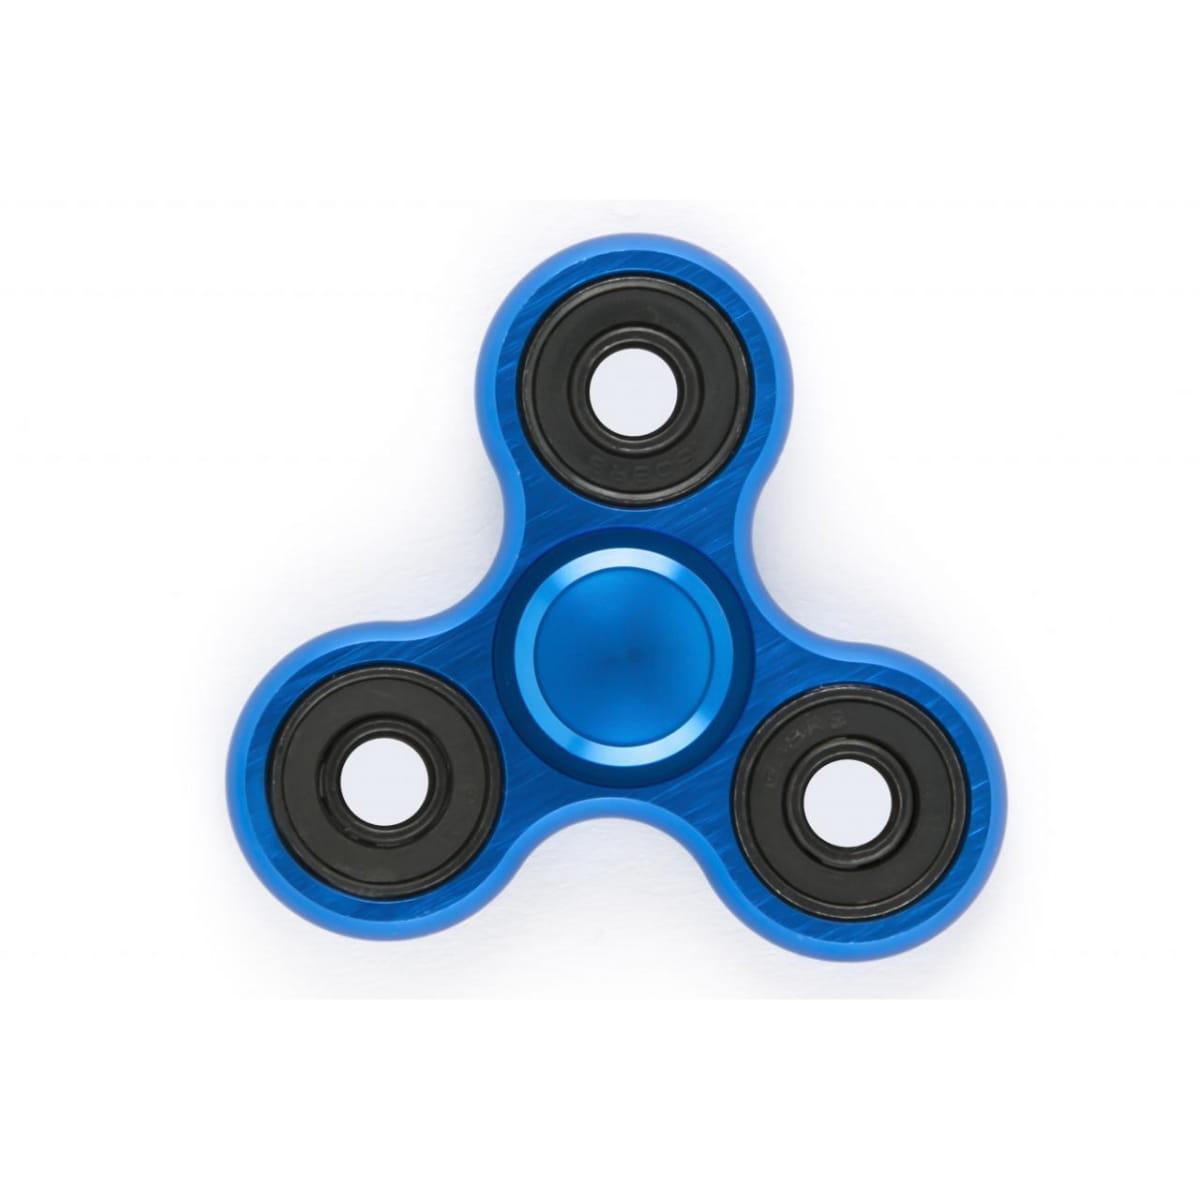 Игрушка - антистресс Red Line 21955 Fidget Spinner - синий (металлический)